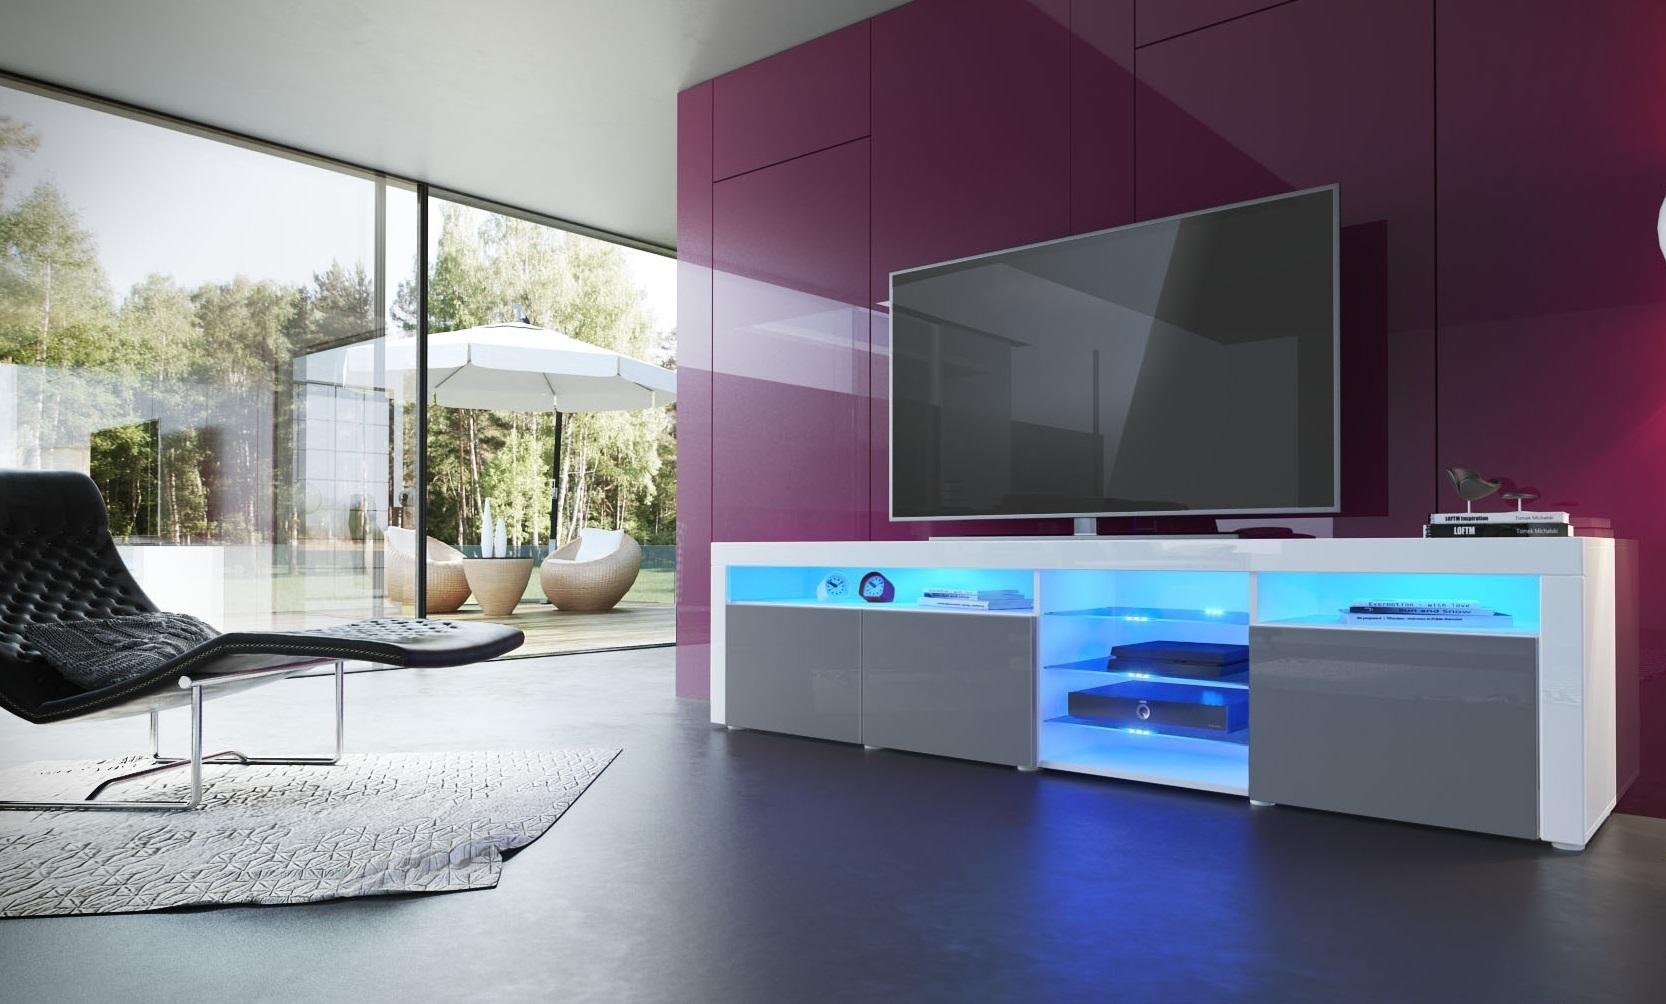 Mobili Tv Led : Led con illuminazione a visualizza aggiungi al ...